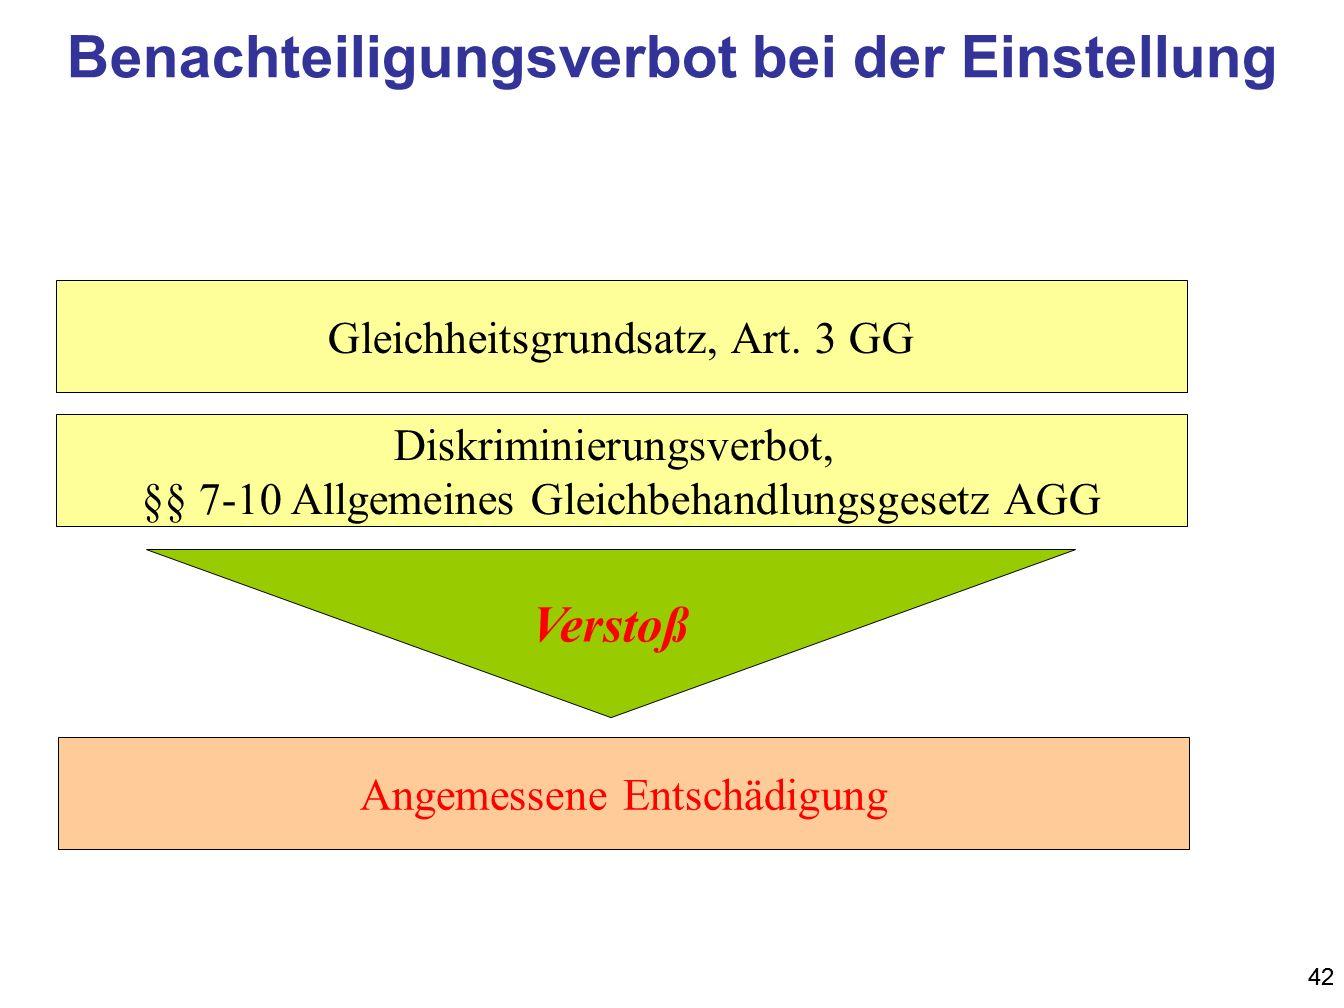 42 Gleichheitsgrundsatz, Art. 3 GG Diskriminierungsverbot, §§ 7-10 Allgemeines Gleichbehandlungsgesetz AGG Verstoß Angemessene Entschädigung Benachtei